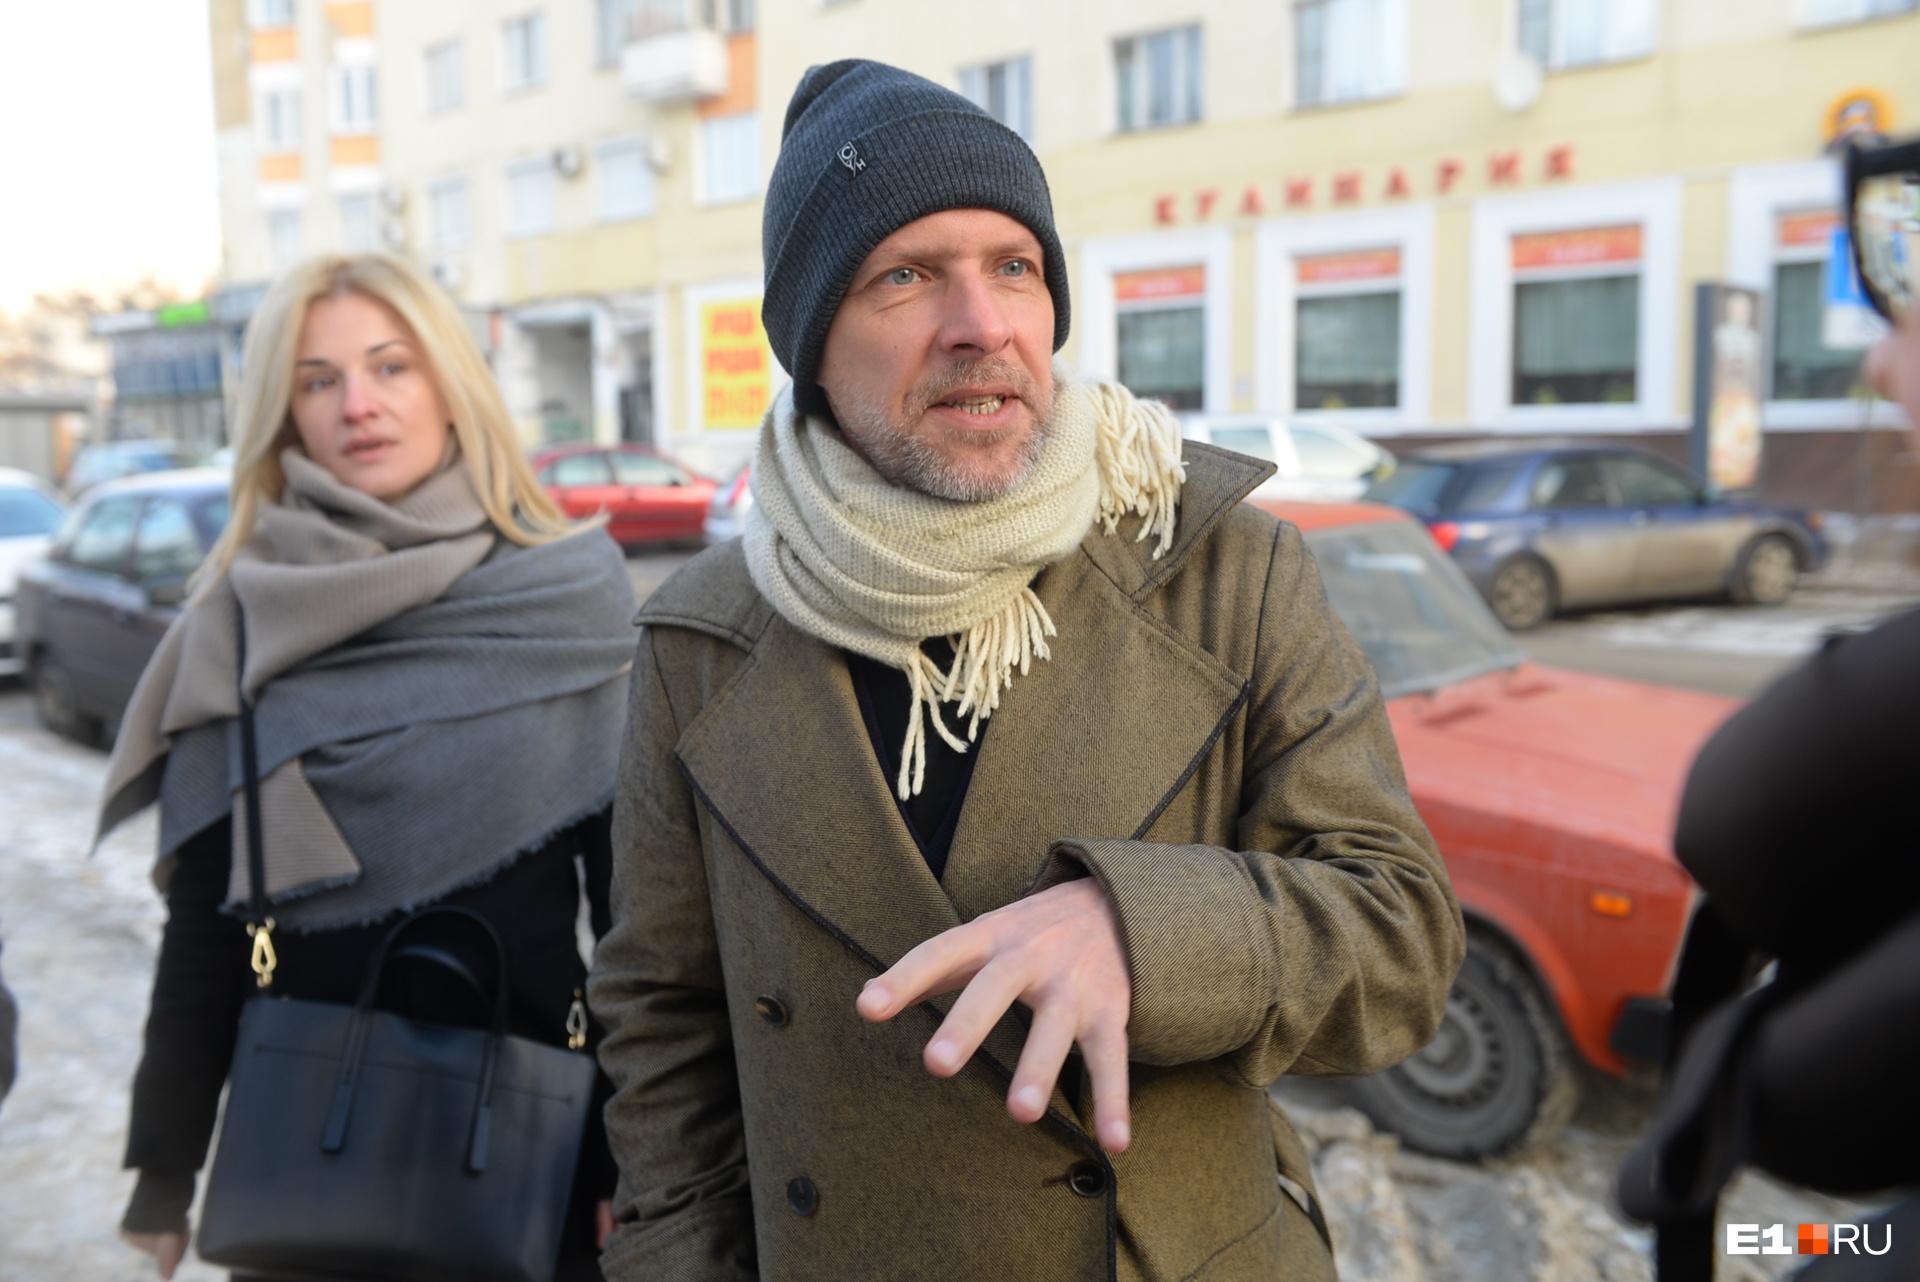 Когда мы говорили про Дом печати, Андреас отметил, что ему нравится, что здания в Екатеринбурге меняют своё предназначение